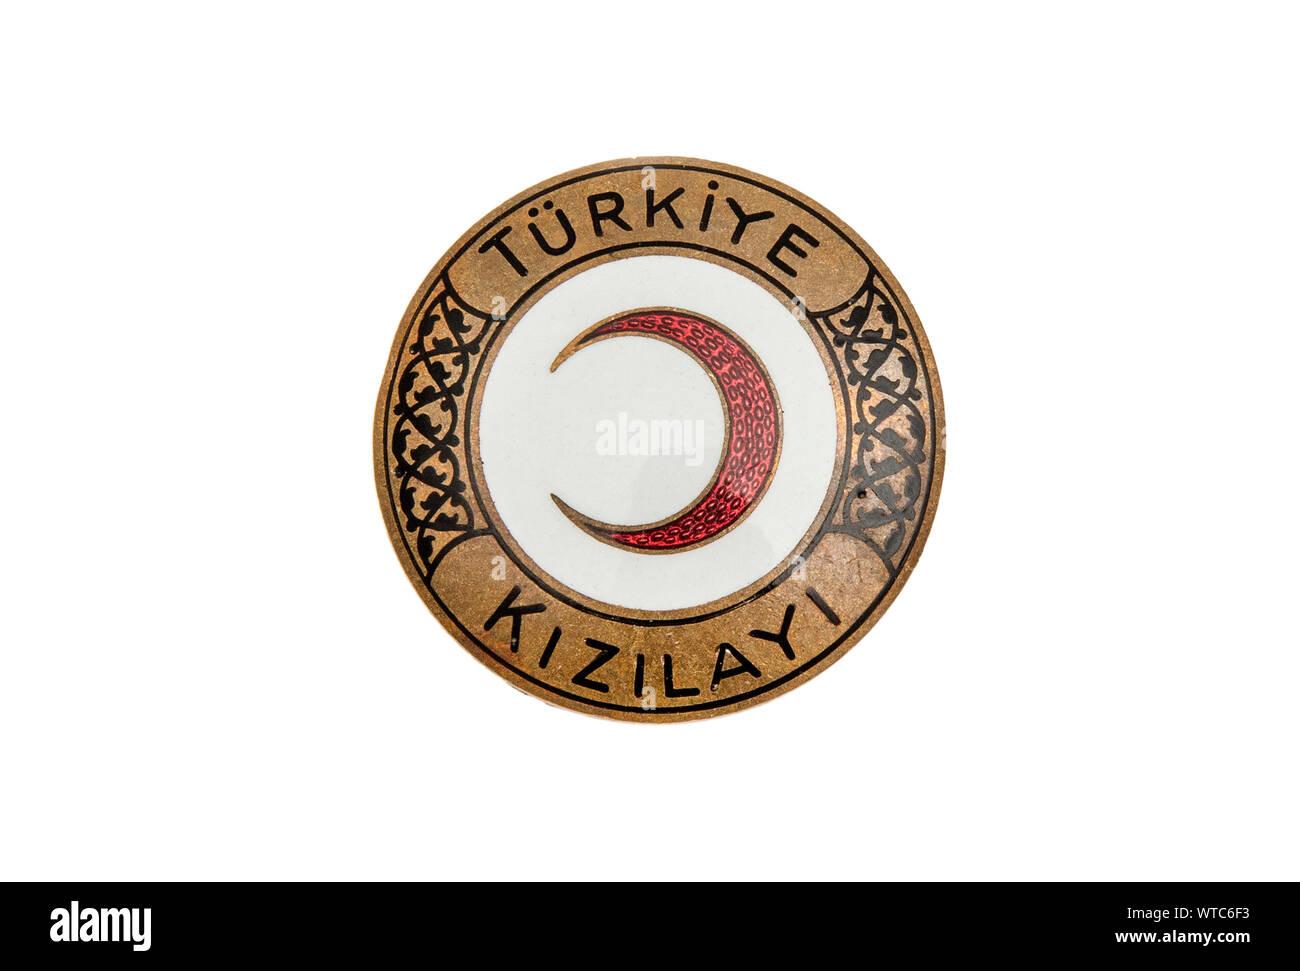 Cruz Roja turca insignia de esmalte Foto de stock